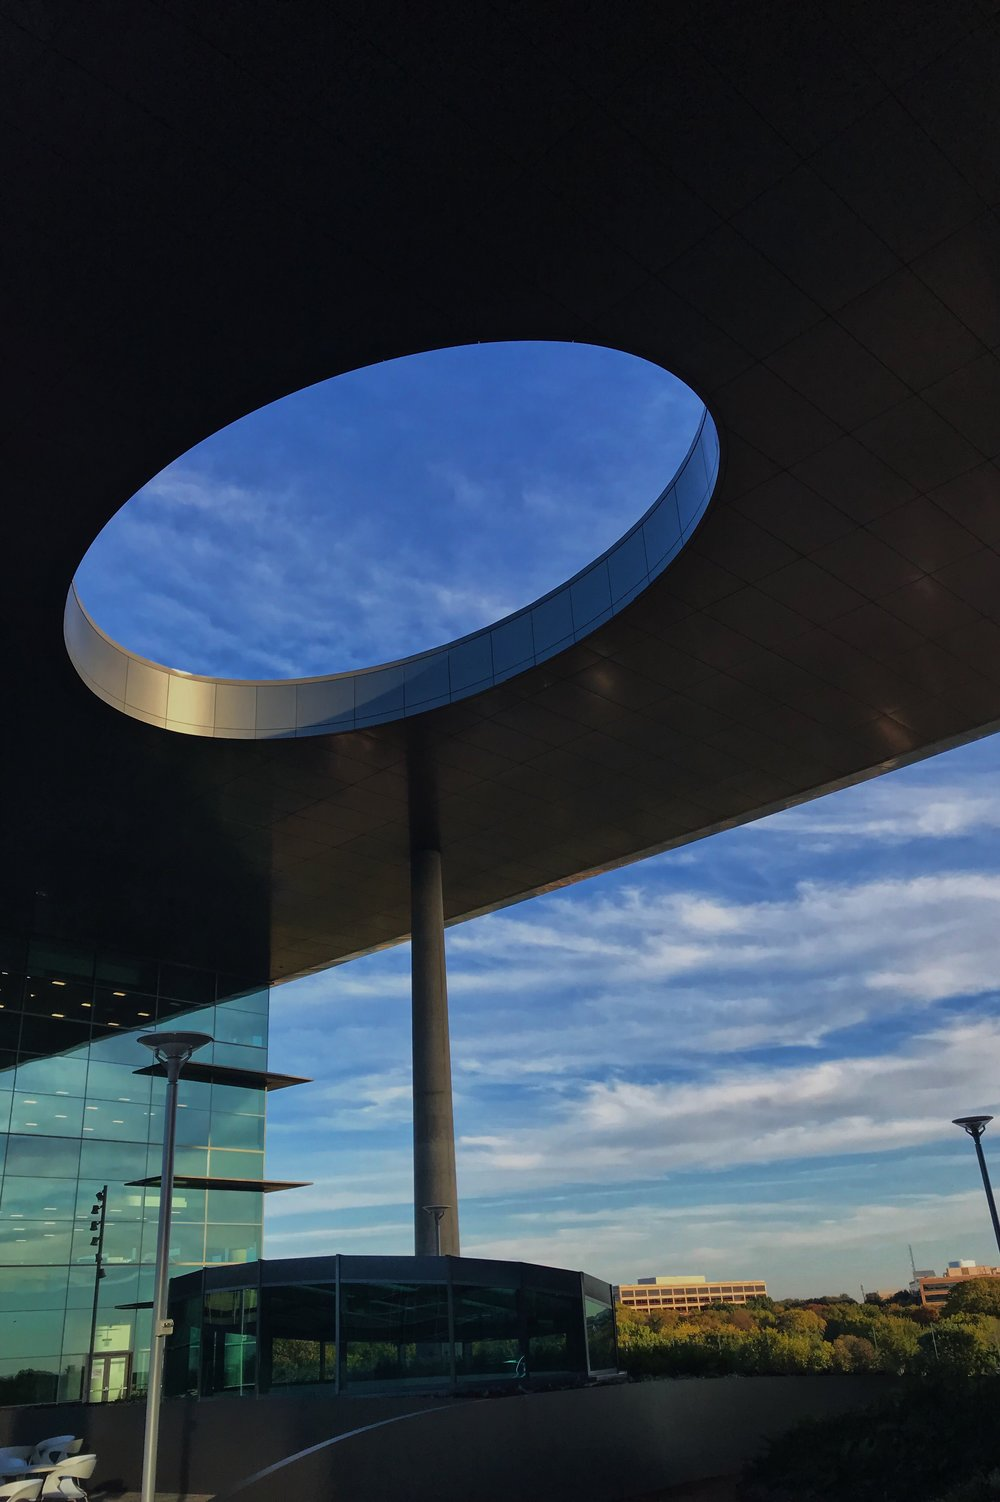 The oculus.